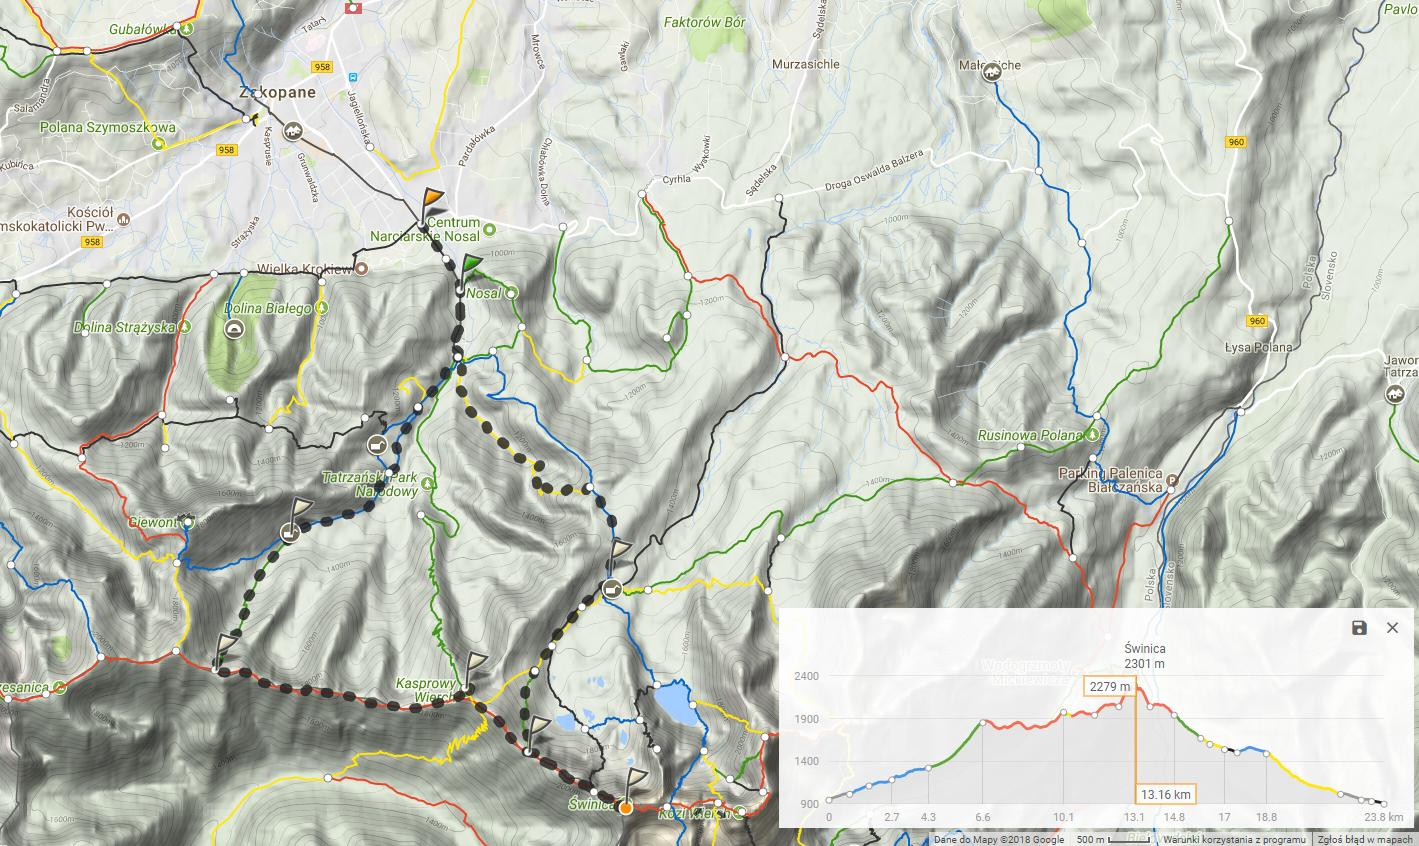 Mapa całej trasy - Kuźnice, Dolina Kondratowa, Kasprowy Wierch, Świnica - 23km.